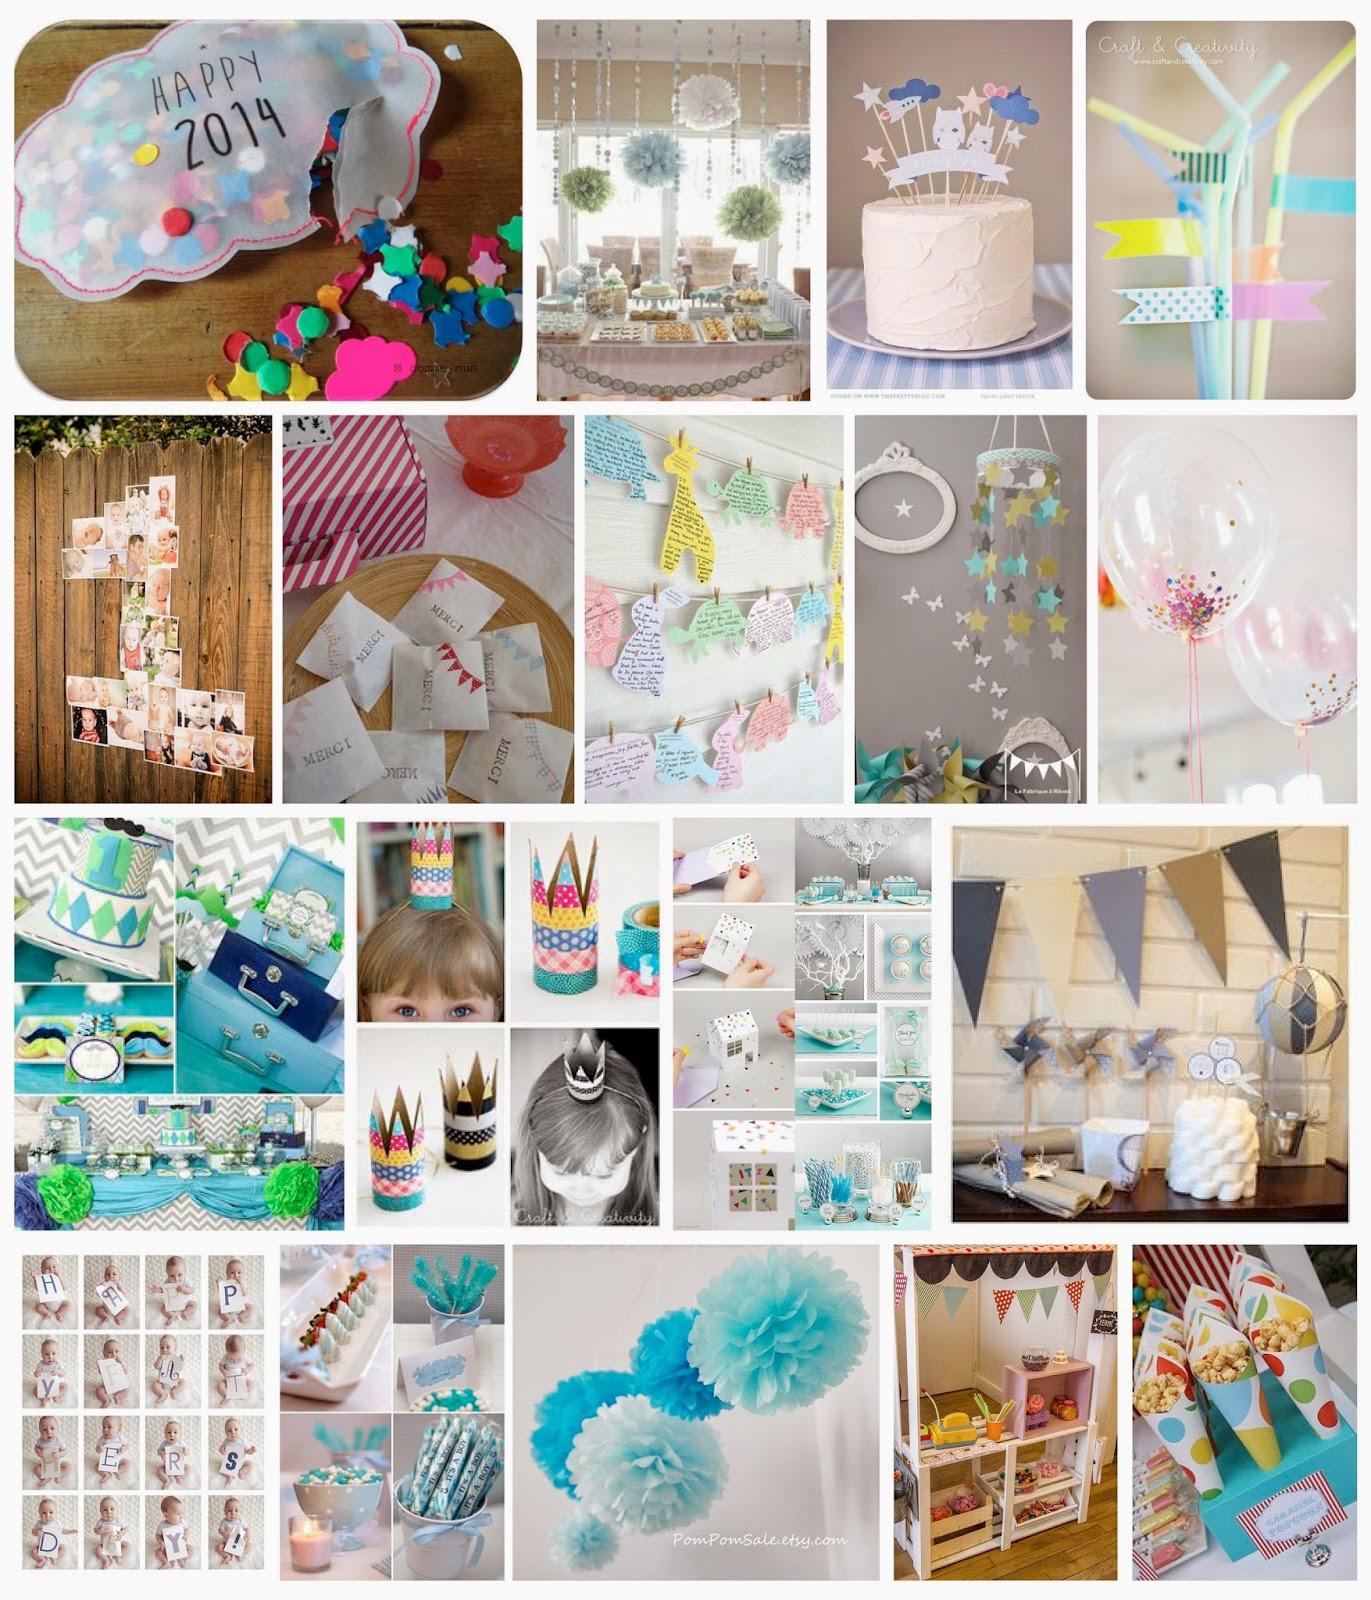 http://www.pinterest.com/boutdenuage/id%C3%A9e-anniversaire-de-chrys/